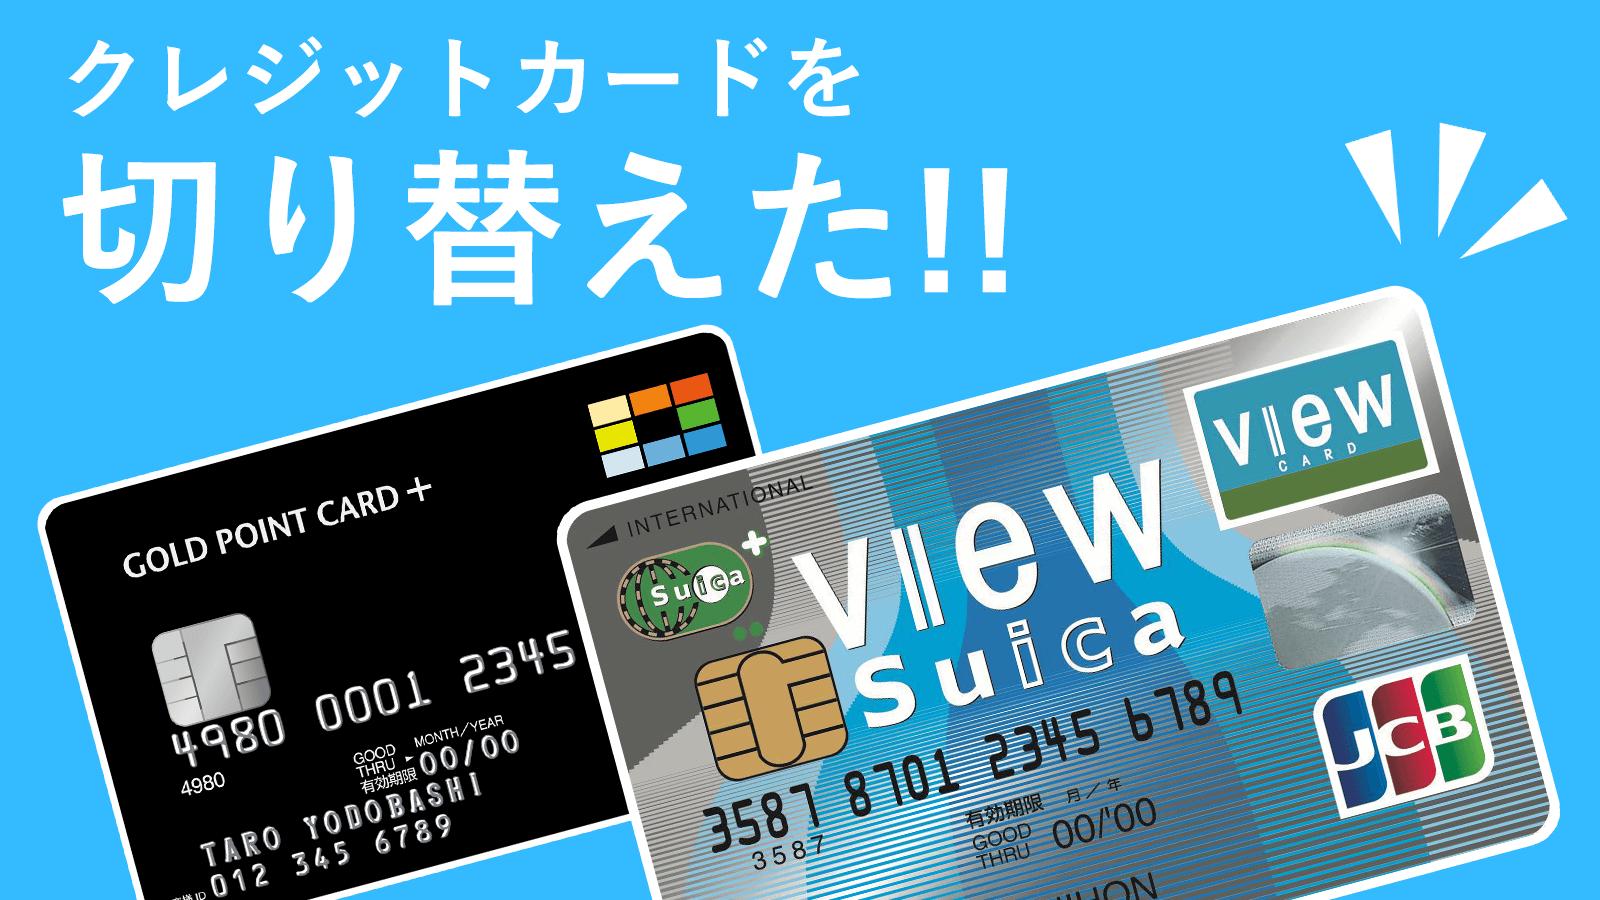 10年利用した GOLD POINT CARD+ ...